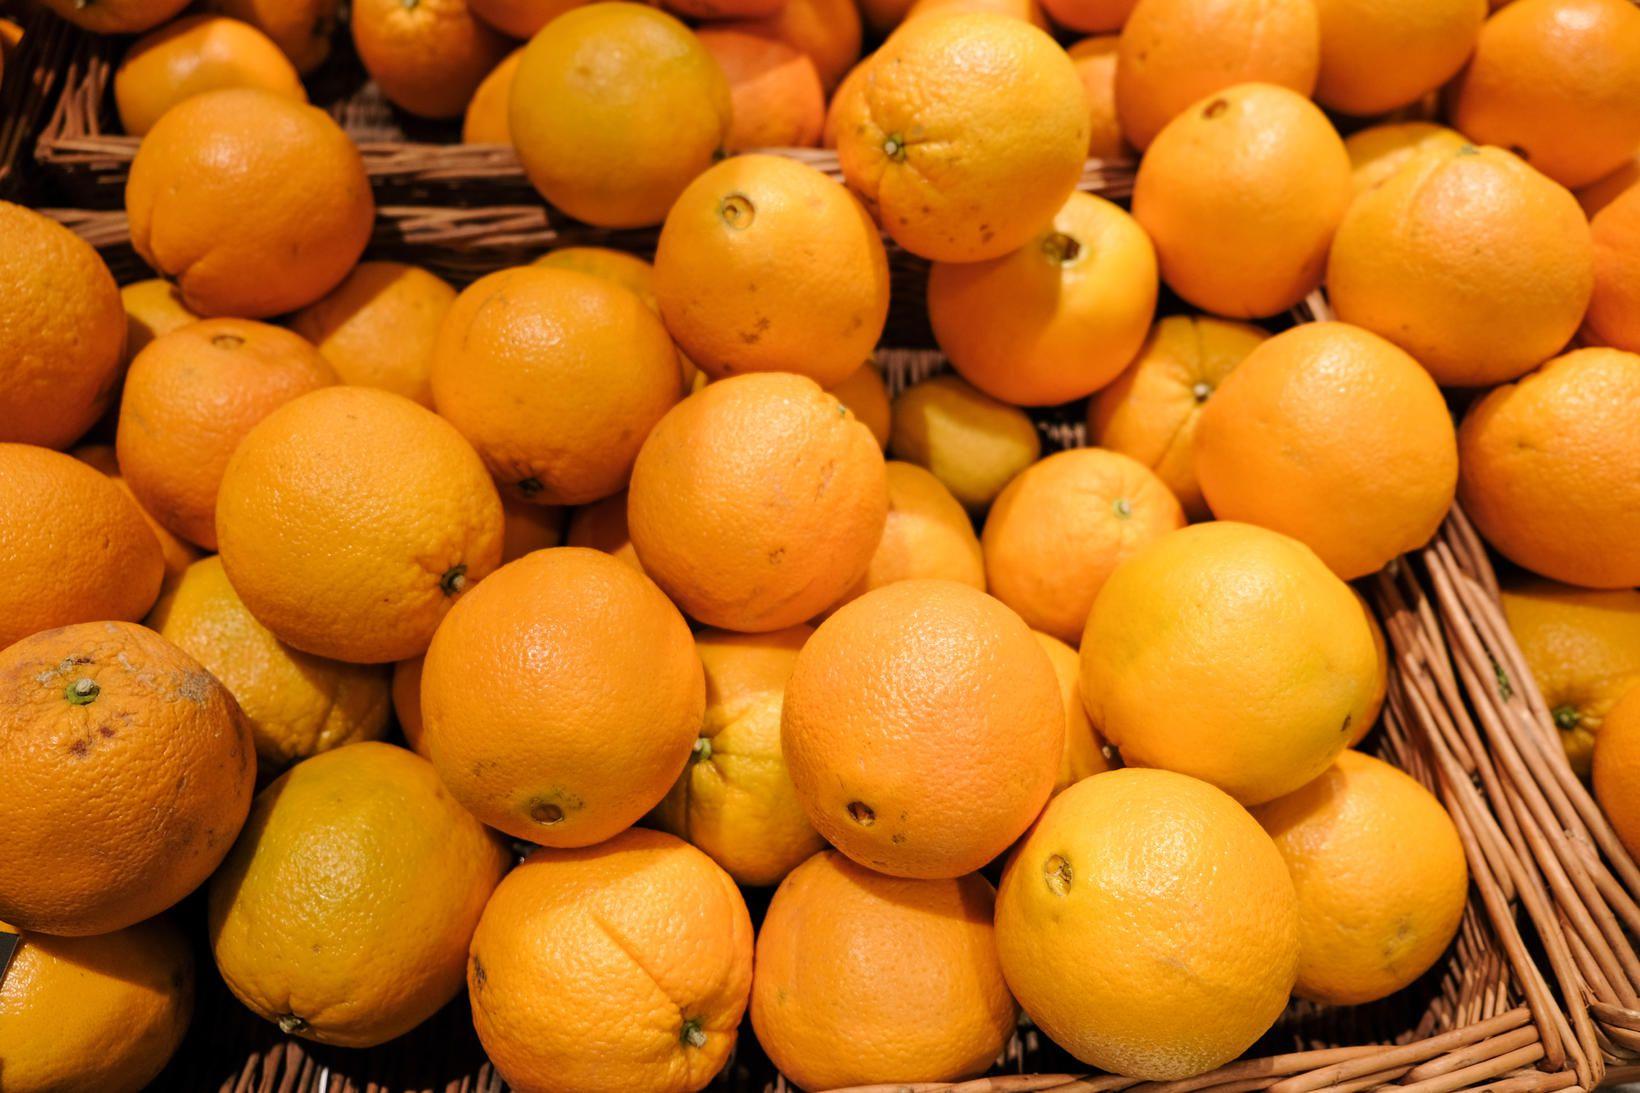 Hér bjóðum við upp á stórsnjallt appelsínutrix.